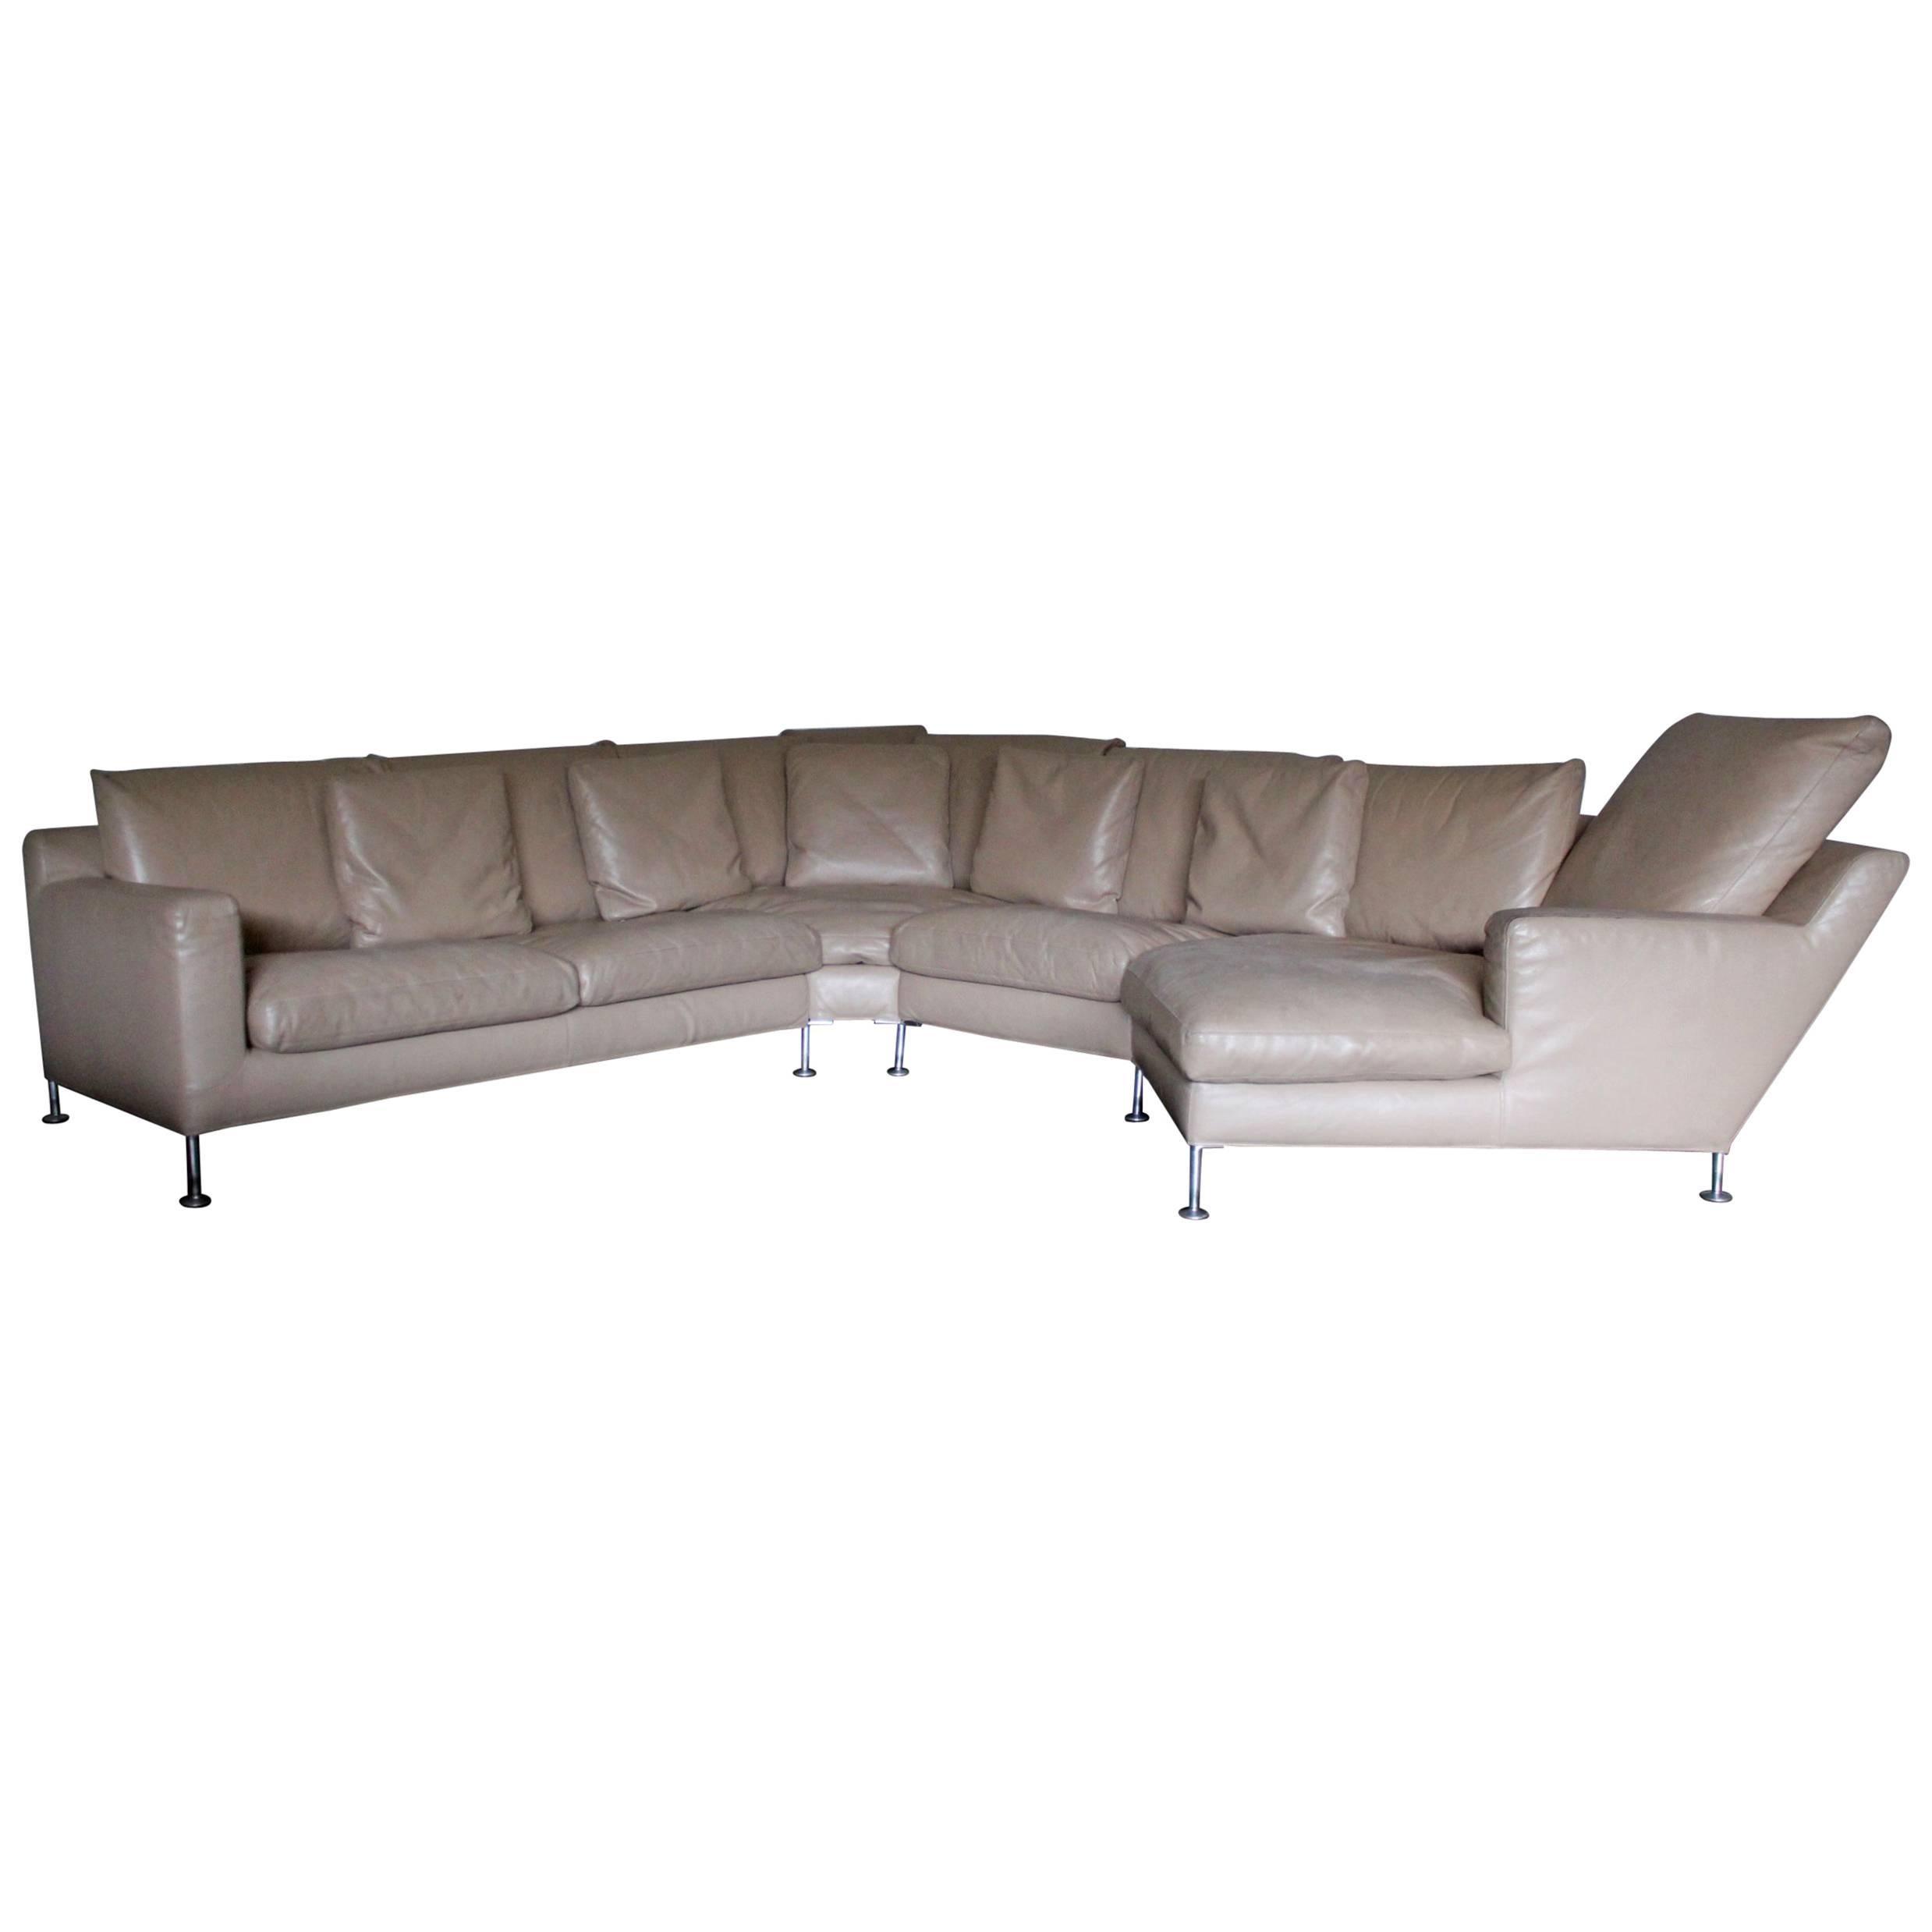 Bu0026B Italia U201cHarryu201d Six Seat L Shape Sofa U0026 Ottoman In Pale